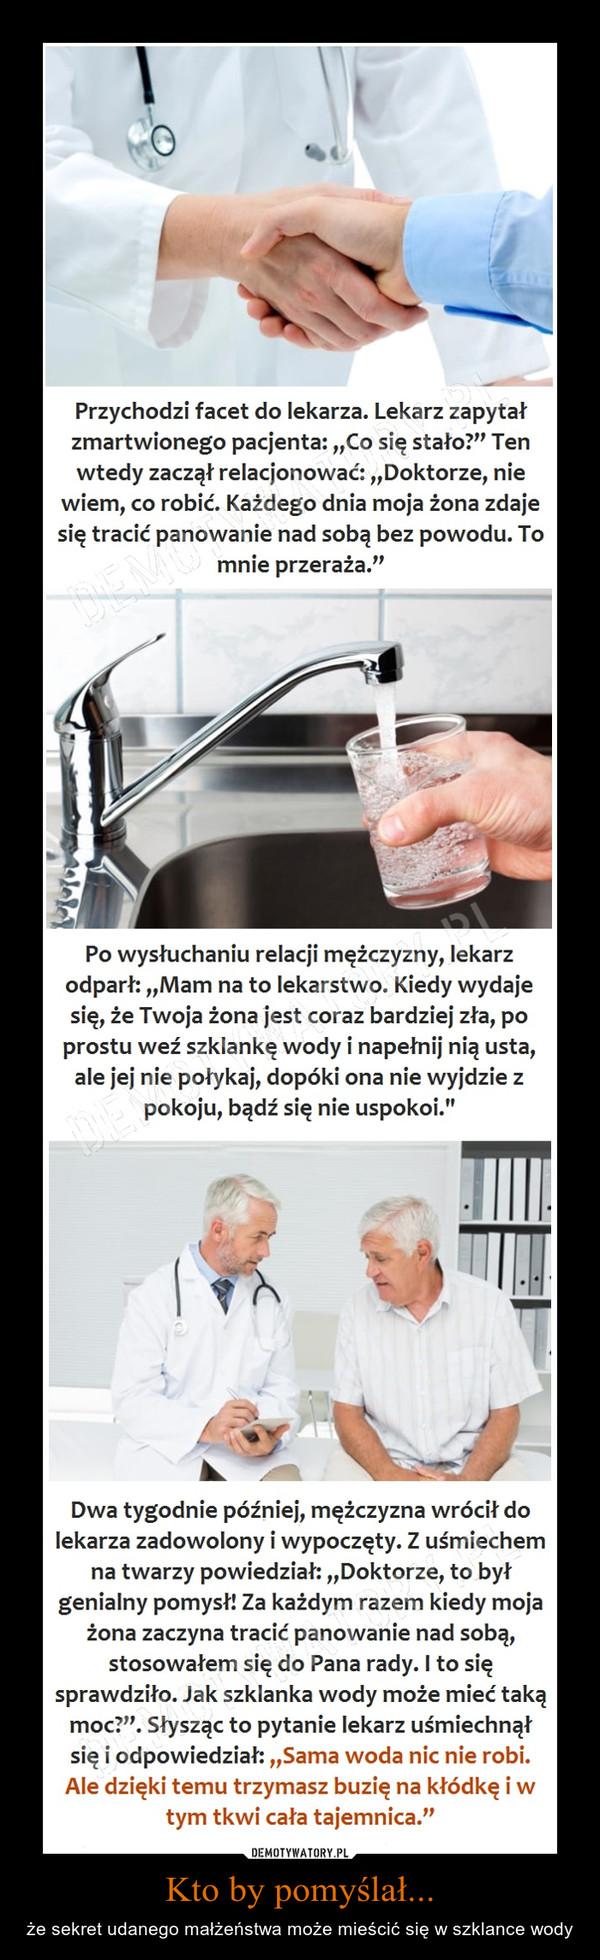 Kto by pomyślał... – że sekret udanego małżeństwa może mieścić się w szklance wody